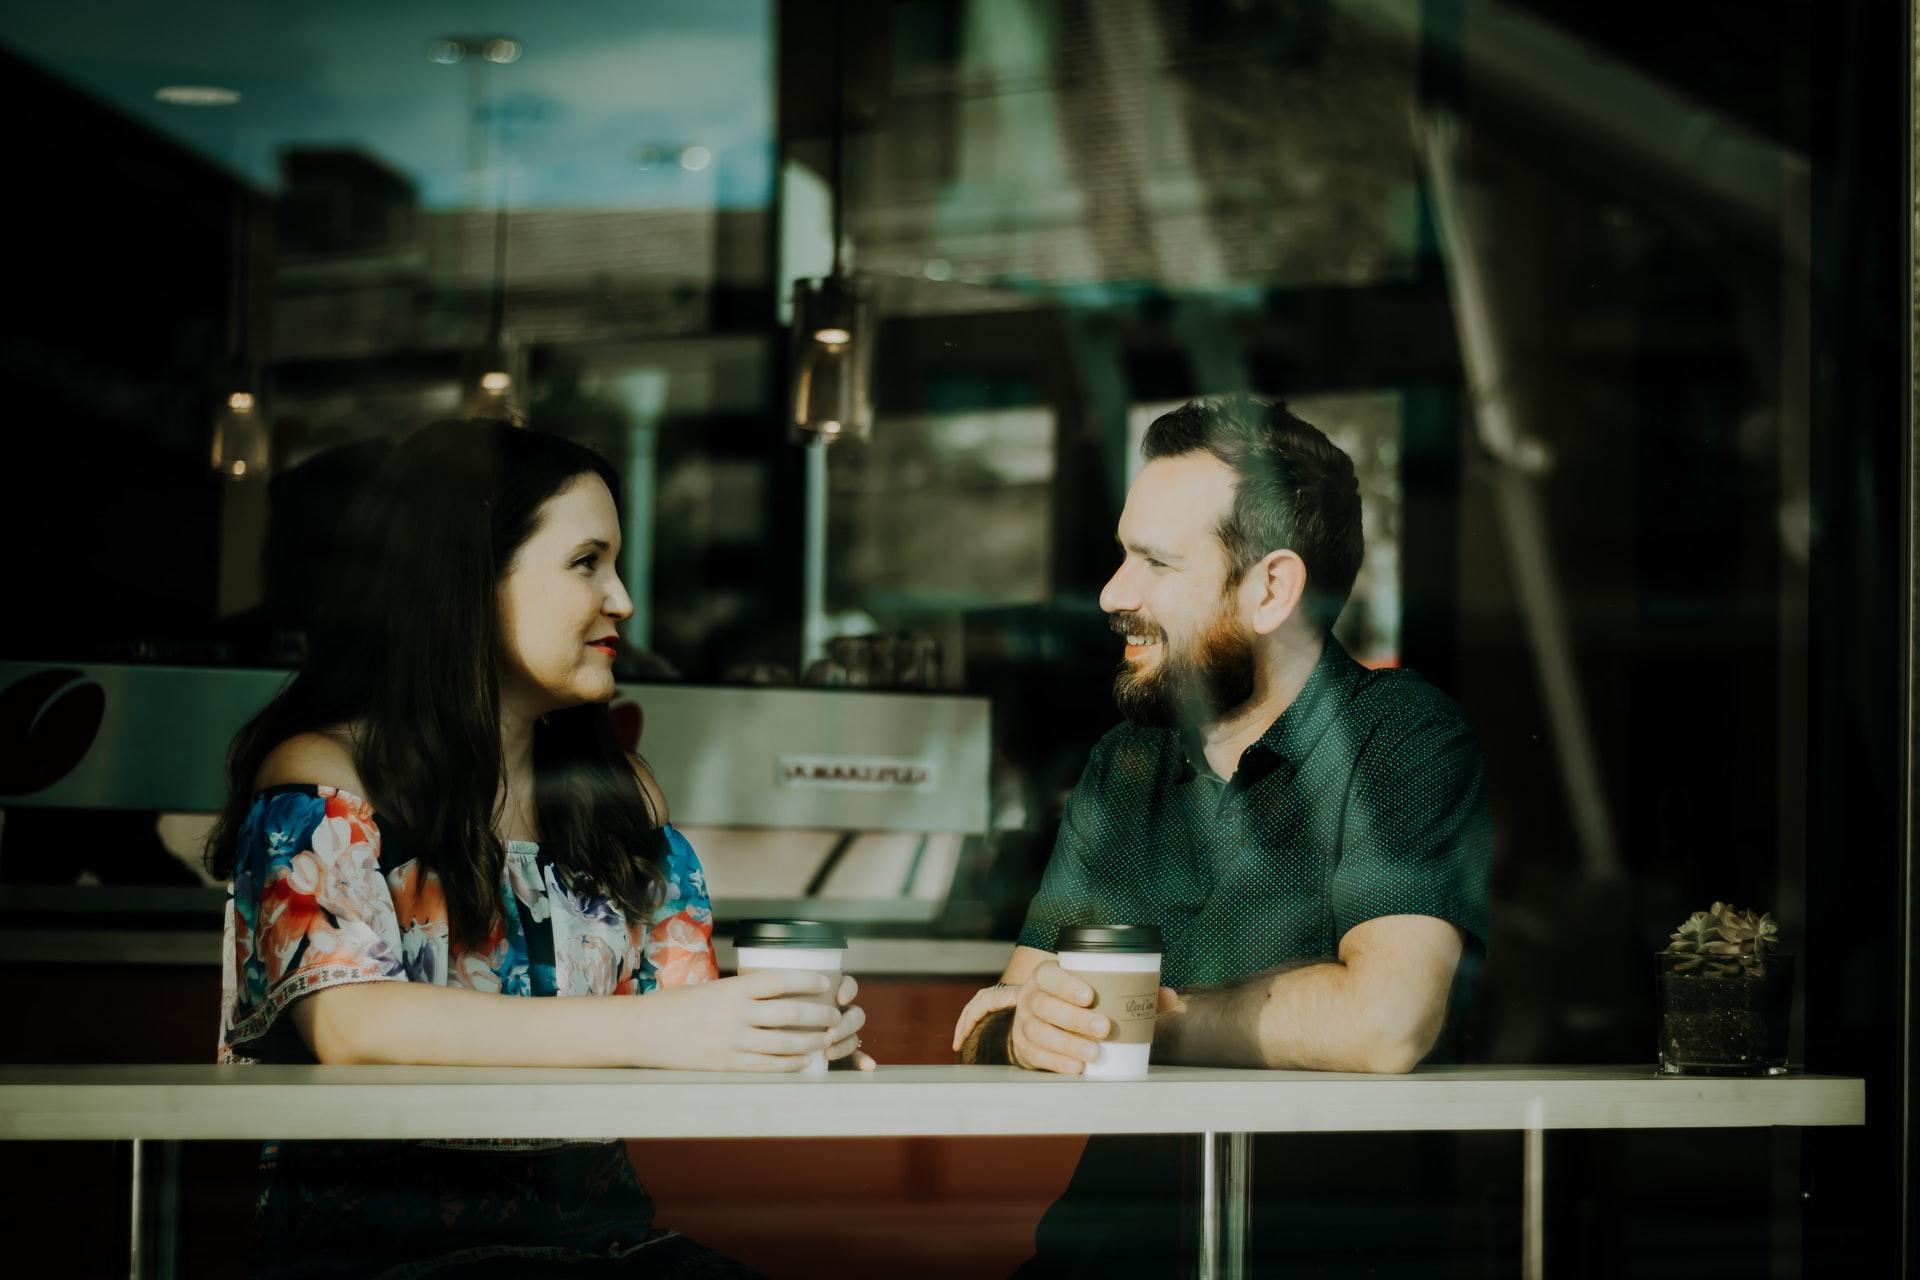 Когда люди видят, что вы продолжаете улыбаться после того, как признались в собственной неуверенности или постоянной внутренней борьбе, они осознают, что также могут открываться